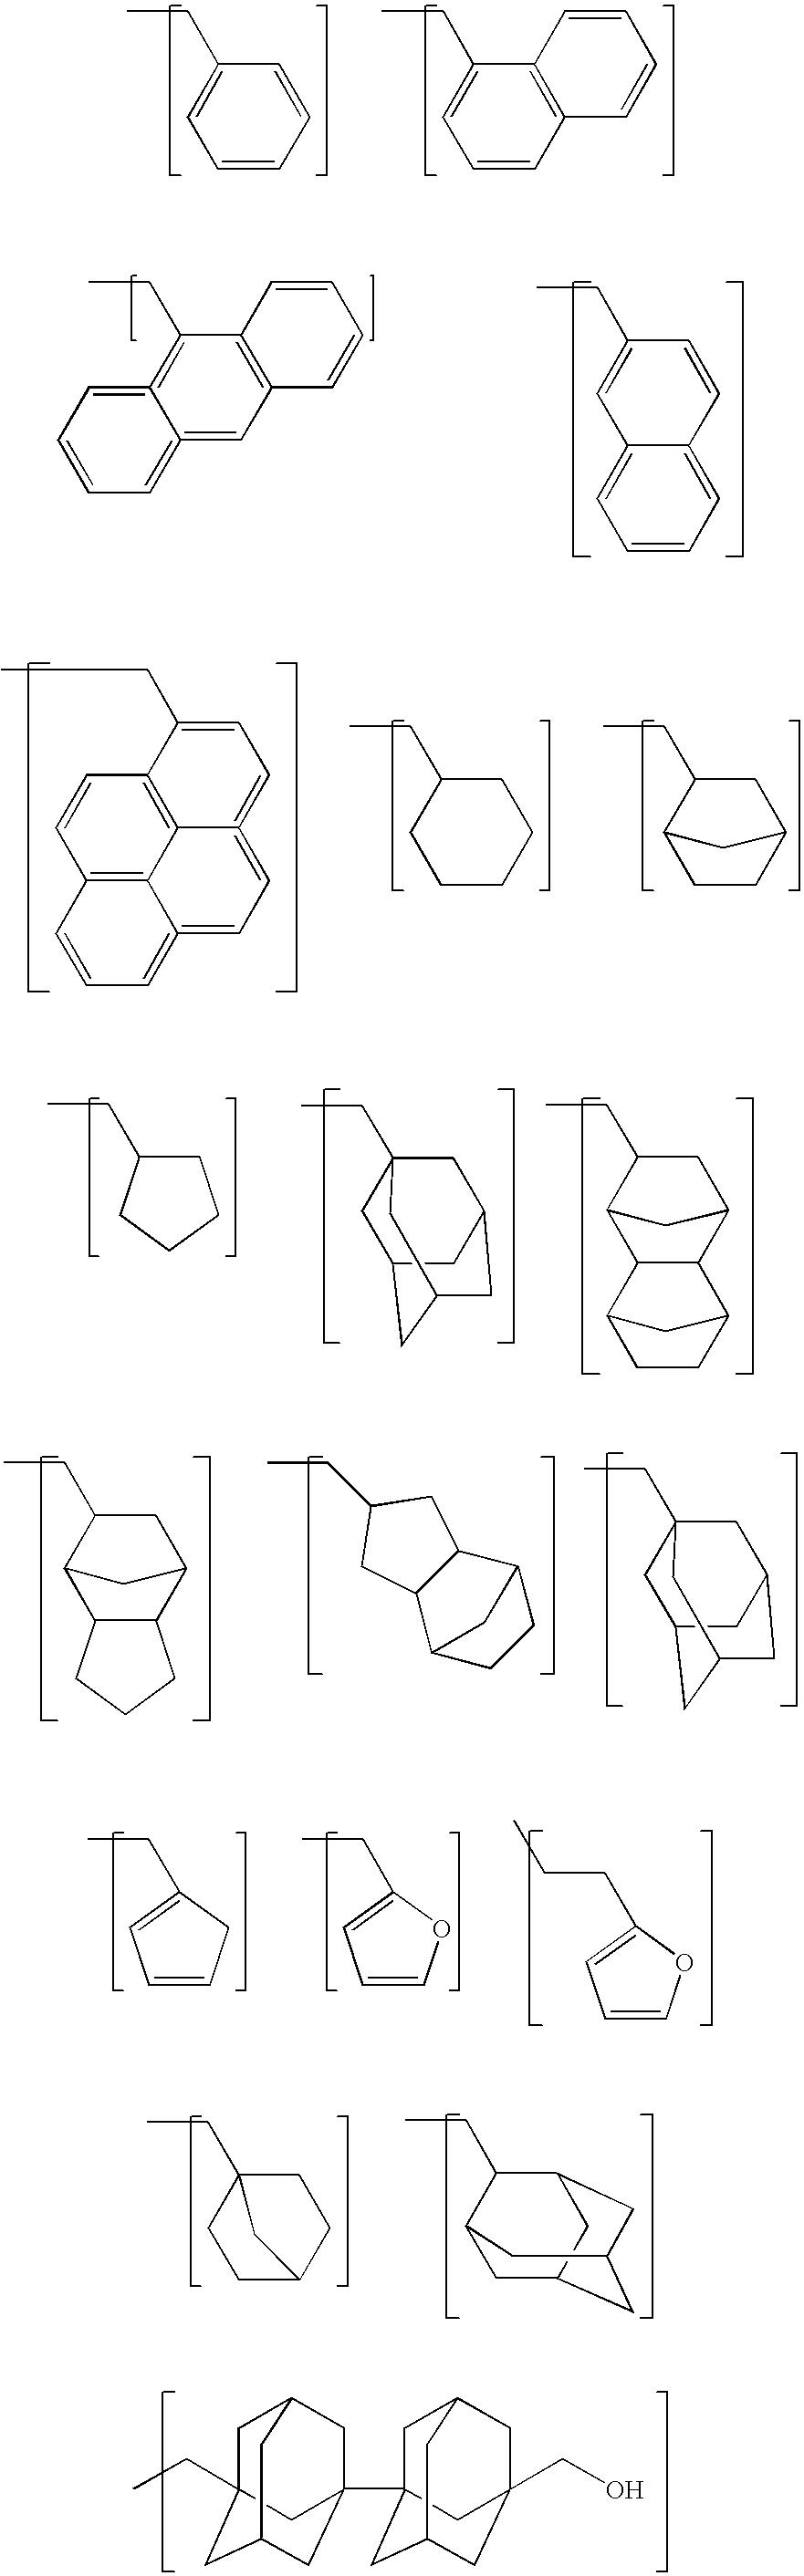 Figure US07358025-20080415-C00011